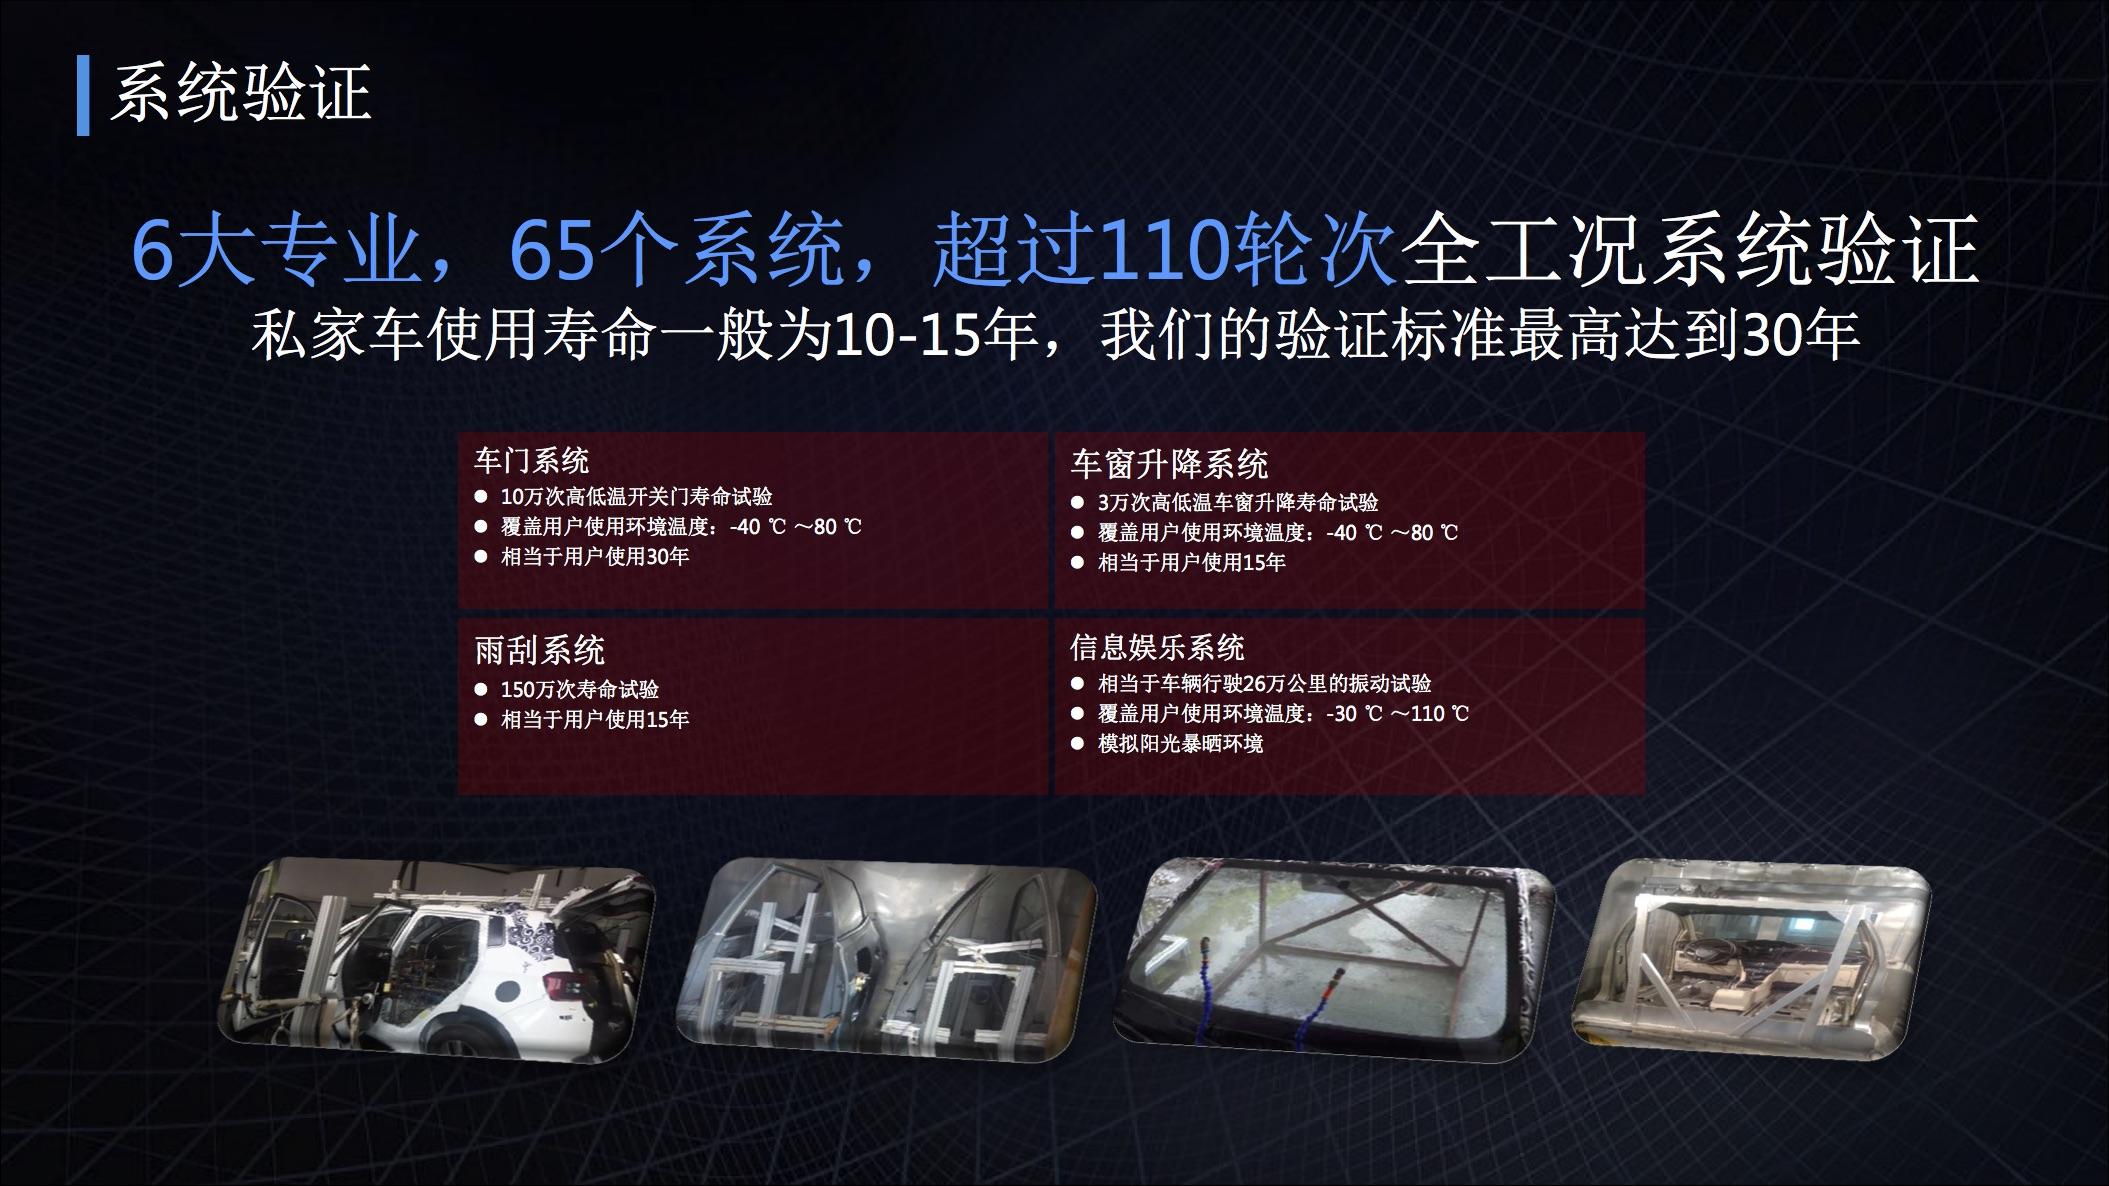 瑞虎5x车型性能解析副本1